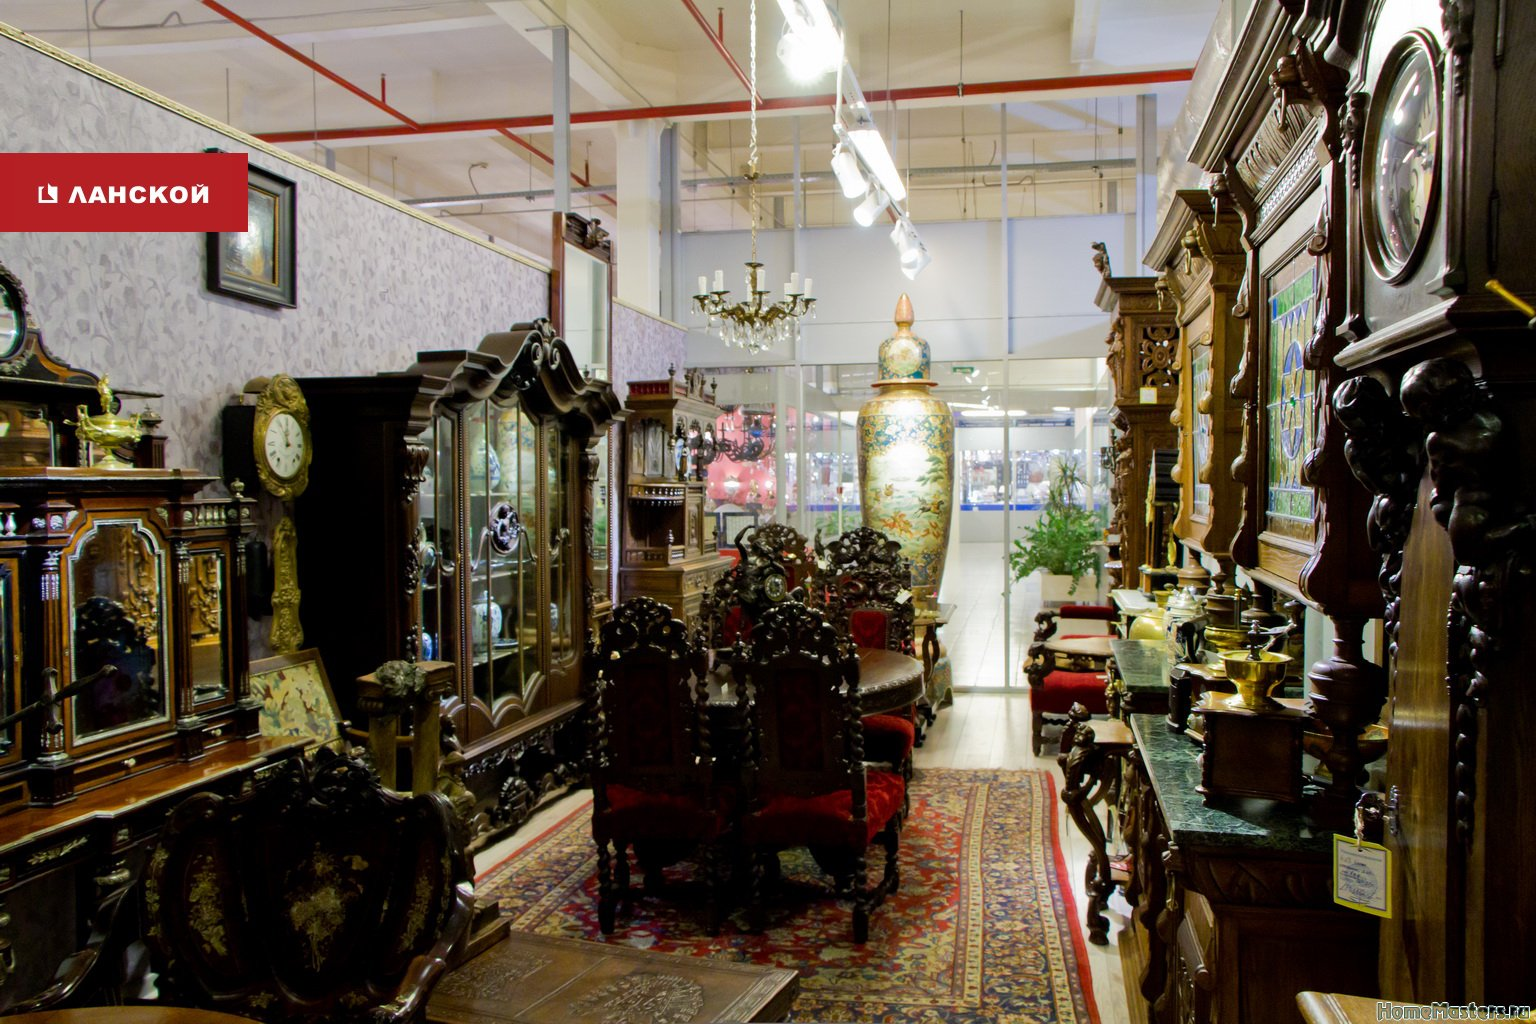 салон АнтикТайм в торговом комплексе Ланской